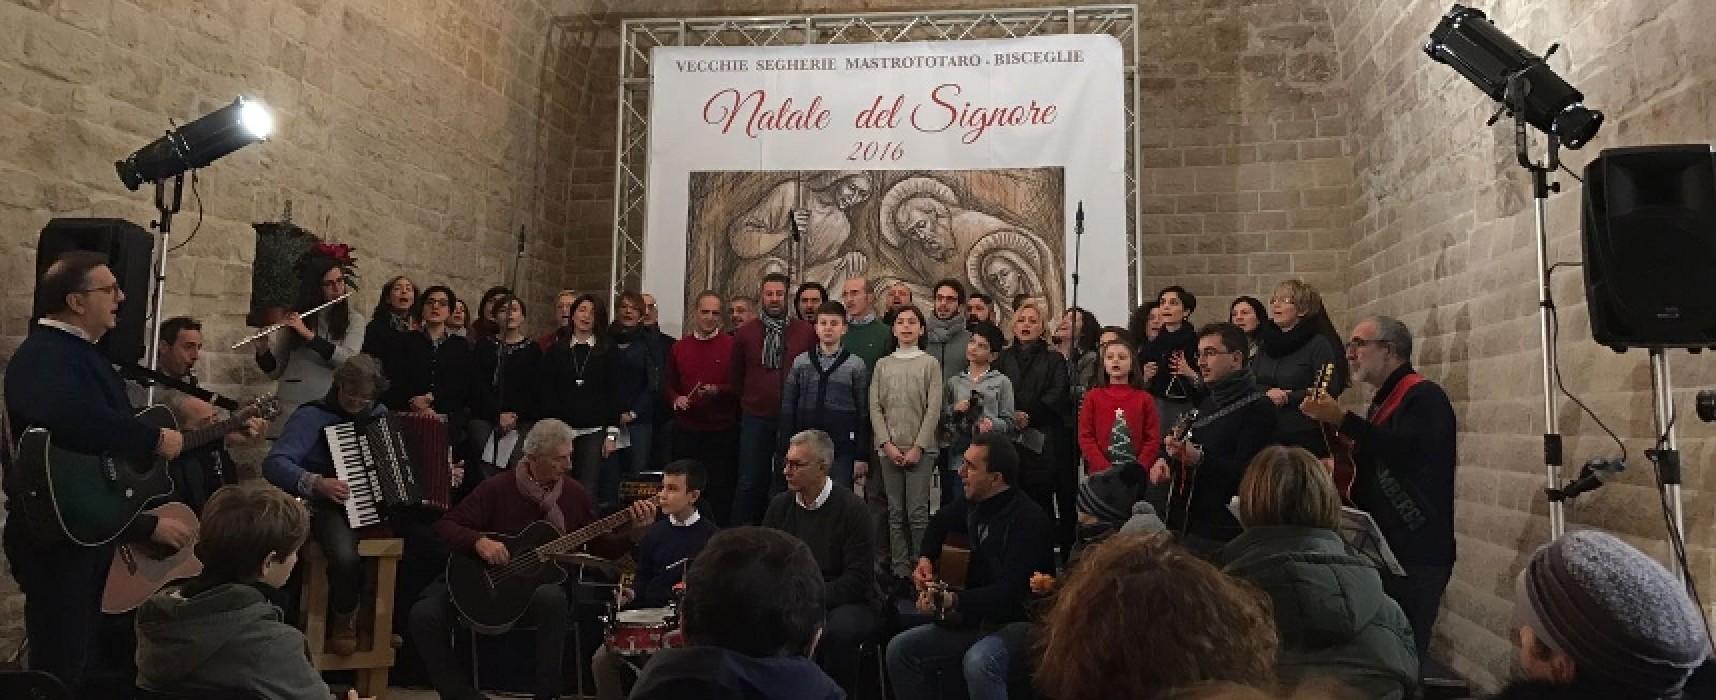 """I canti natalizi degli Happy Singers rendono speciale la """"prima"""" in terra biscegliese /VIDEO"""